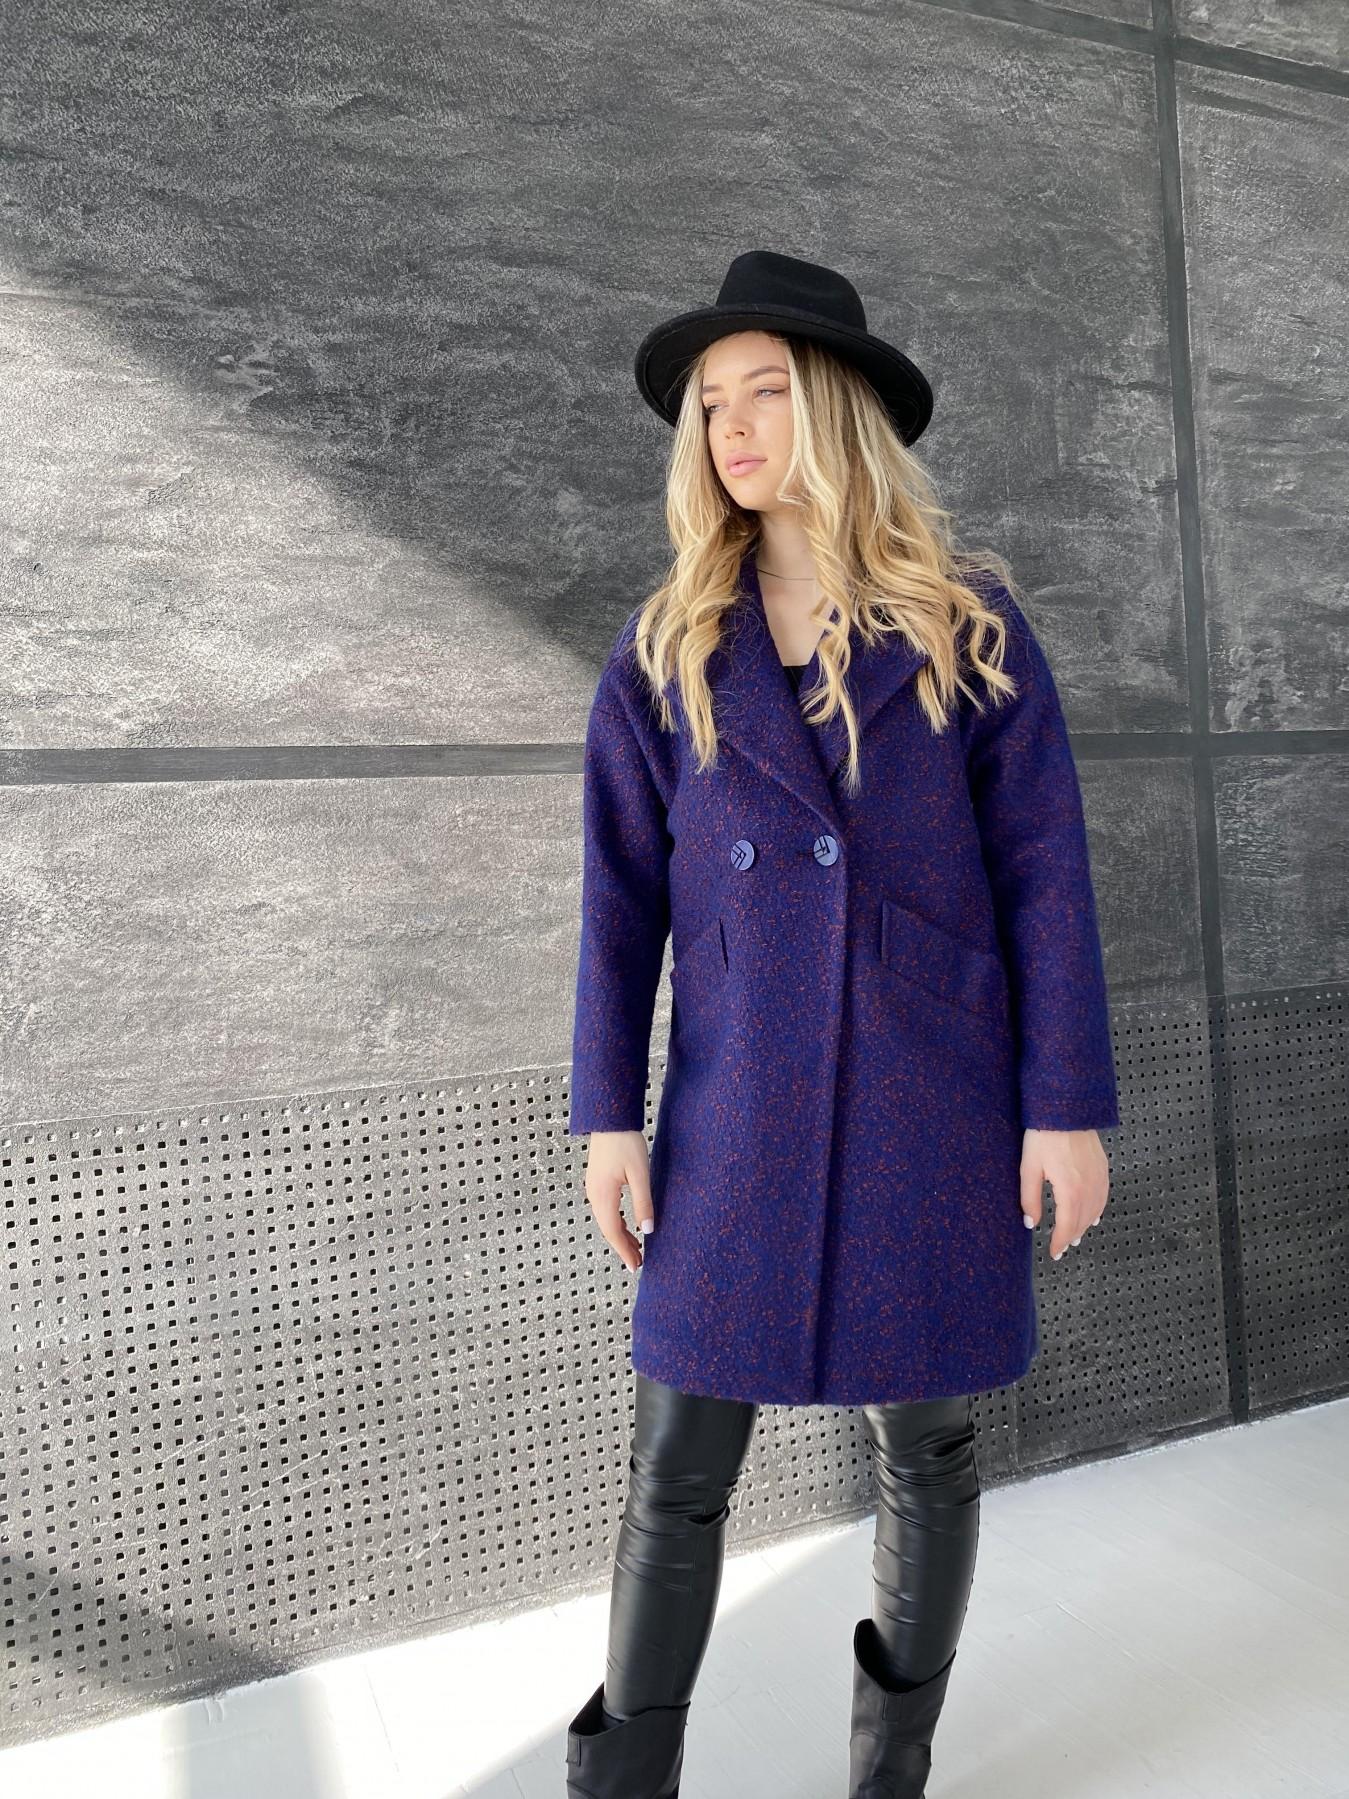 Сенсей пальто из шерсти букле 10780 АРТ. 47237 Цвет: Т.синий марсала 43 - фото 5, интернет магазин tm-modus.ru